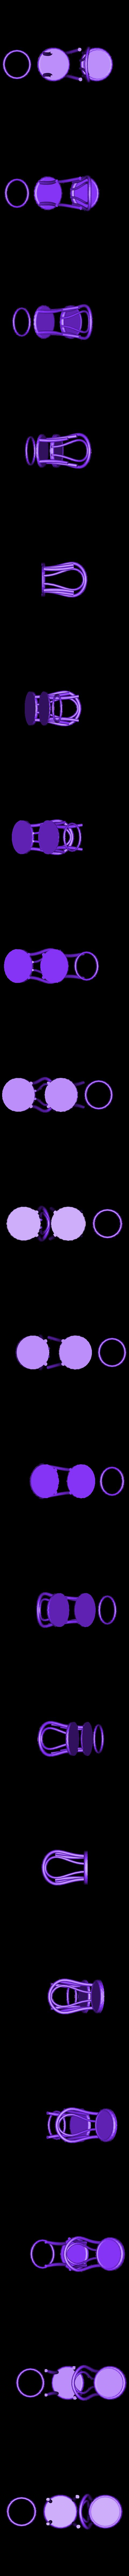 BW_PlatewoArms.stl Télécharger fichier STL gratuit 1:24 Chaise Thonet • Modèle pour impression 3D, gabutoillegna56